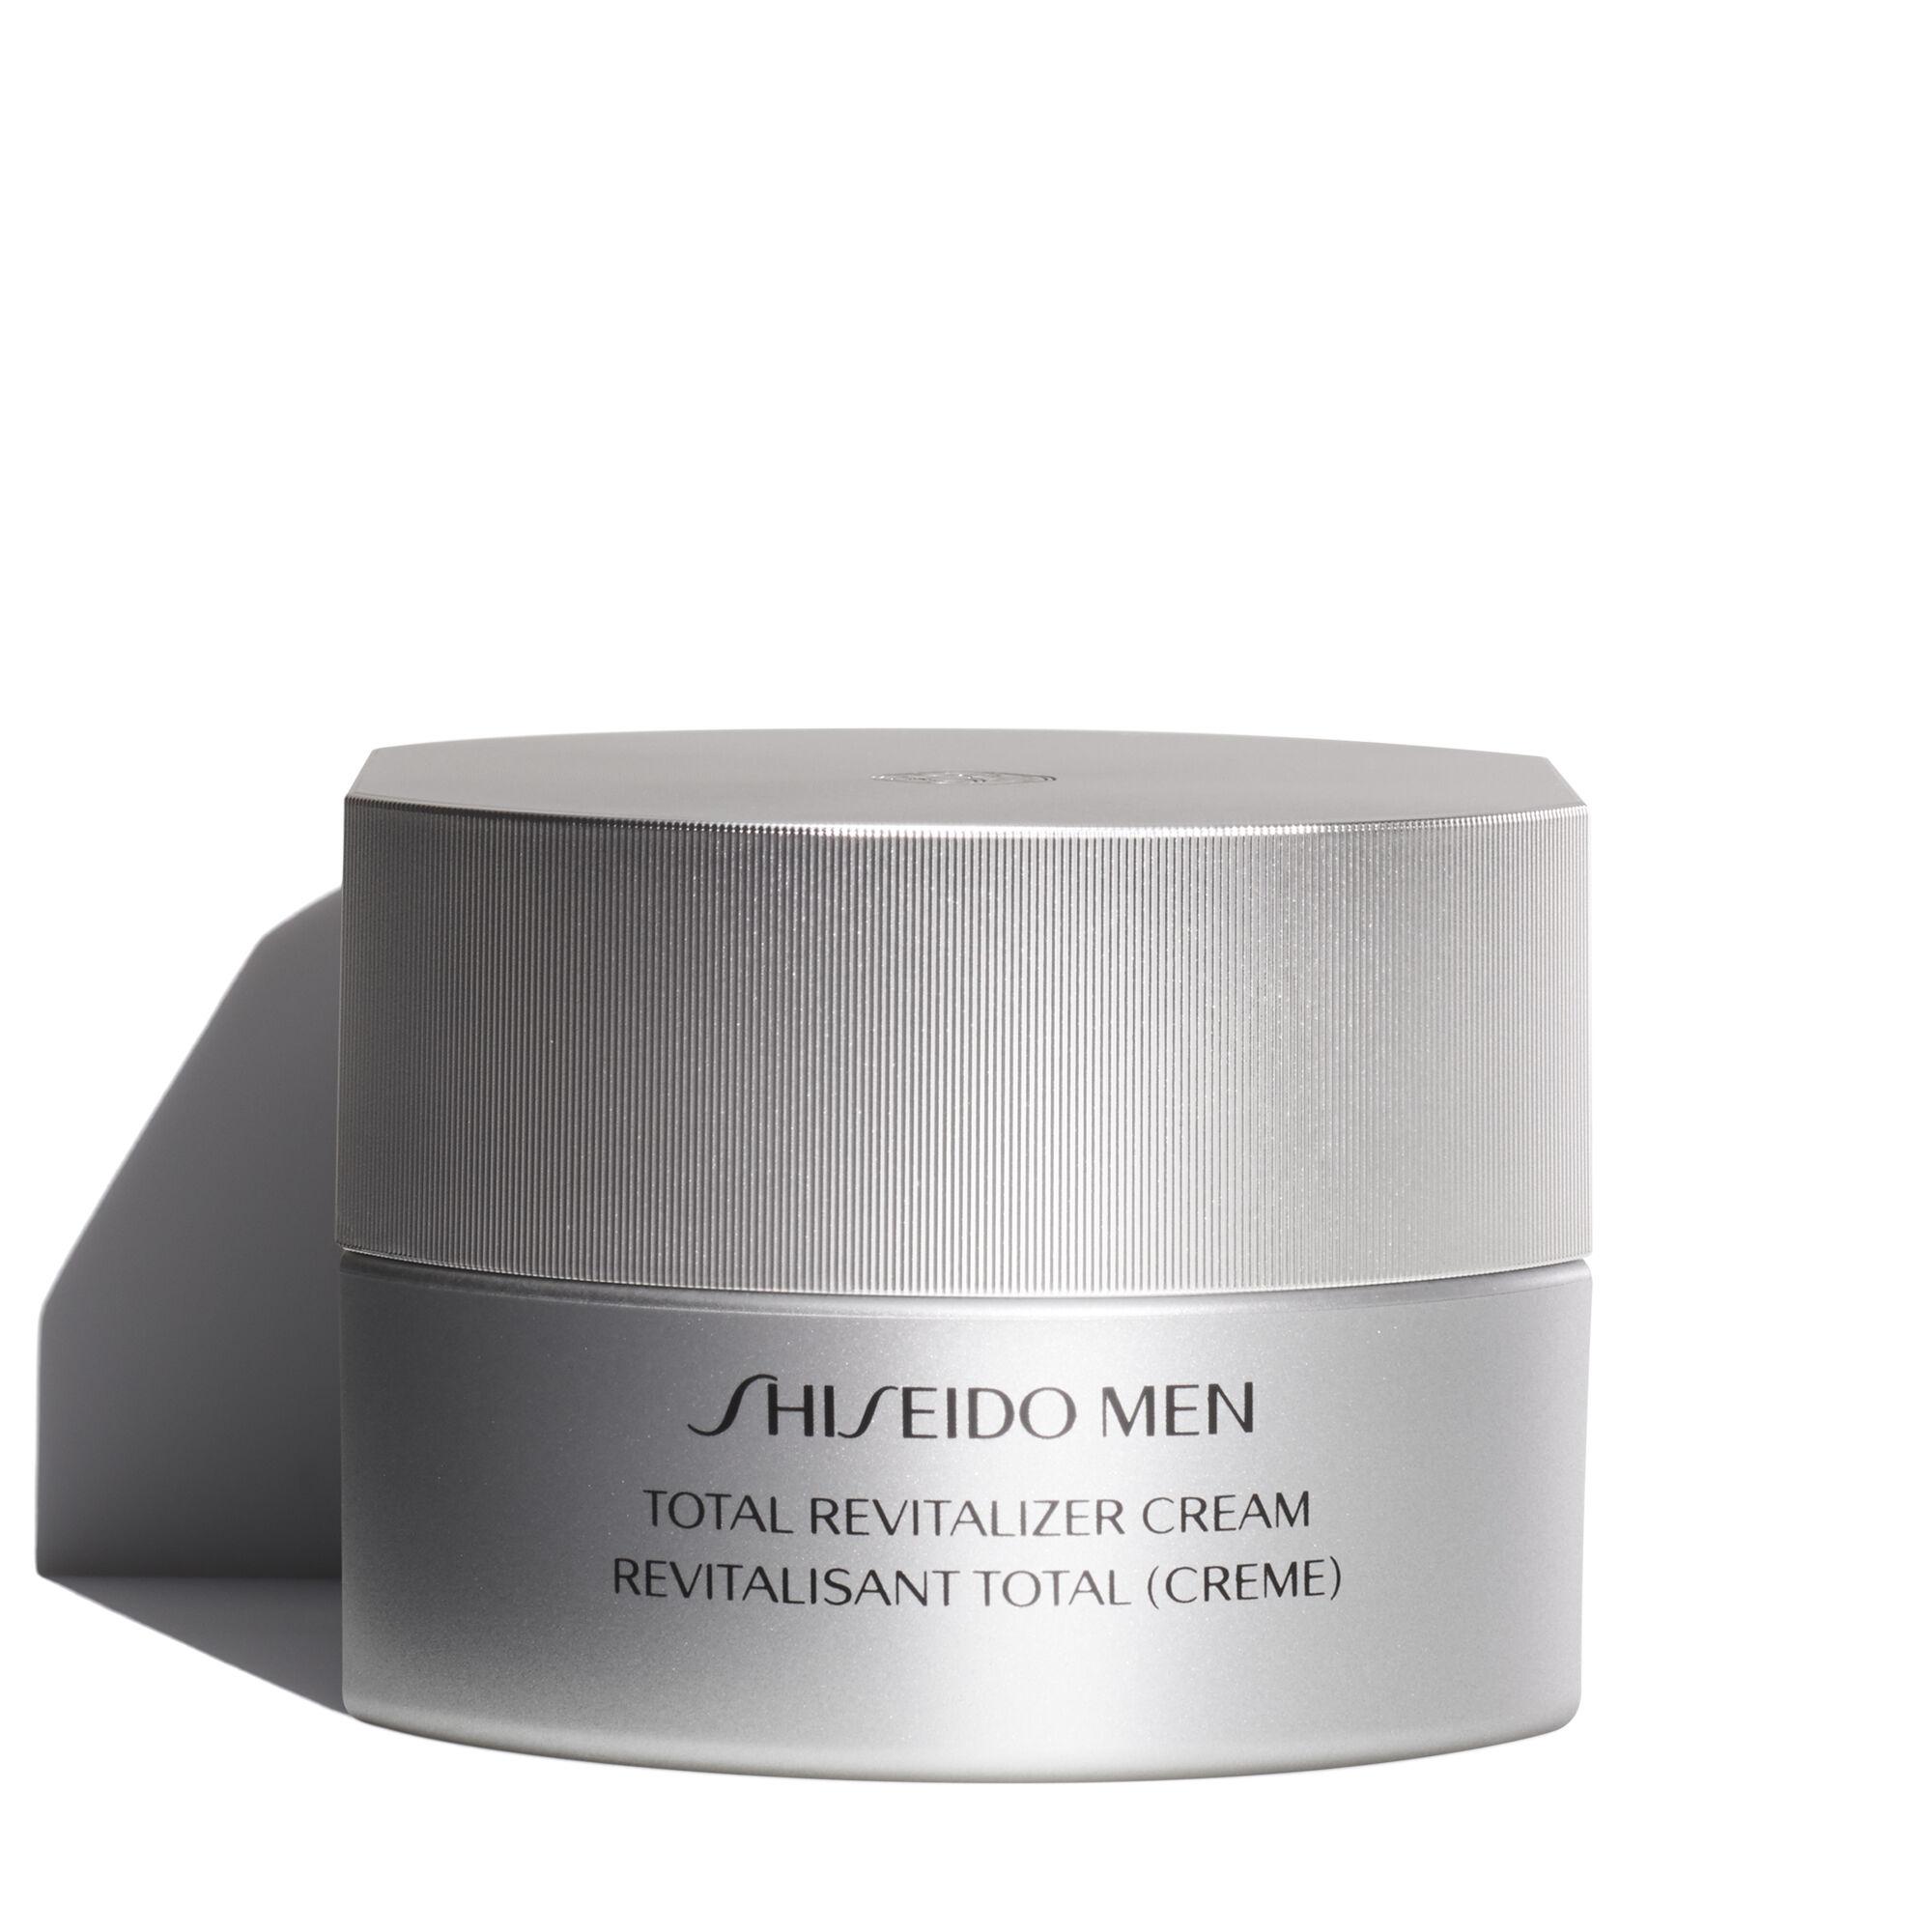 shiseido men total